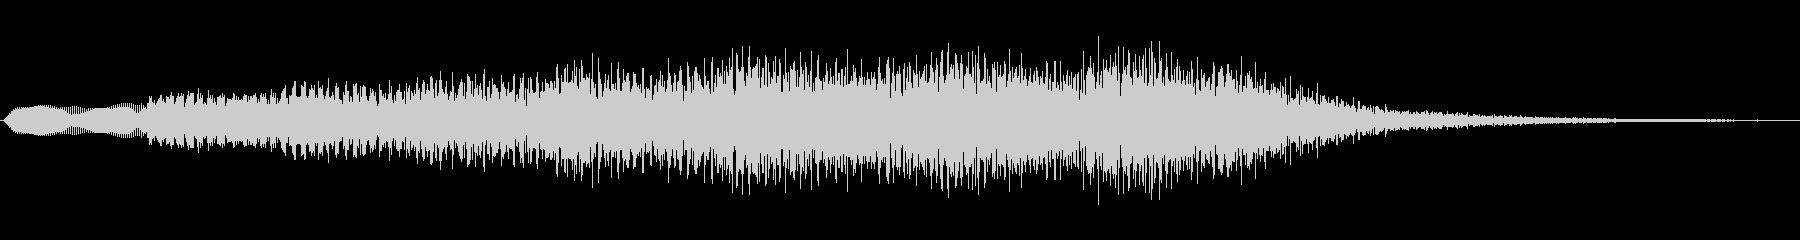 ジングル101jの未再生の波形